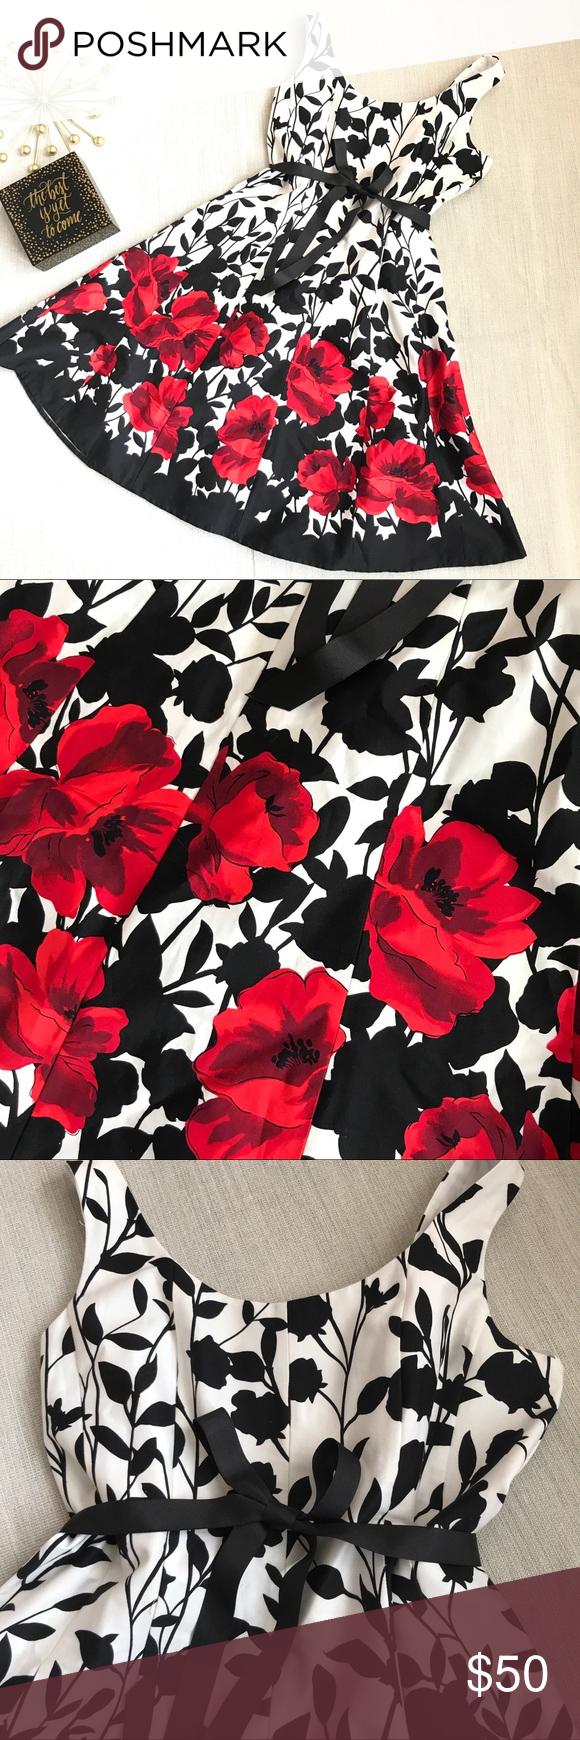 Jessica Howard White Black Dress W Red Flowers Swing Dress Style Black White Dress Retro Swing Dresses [ 1740 x 580 Pixel ]